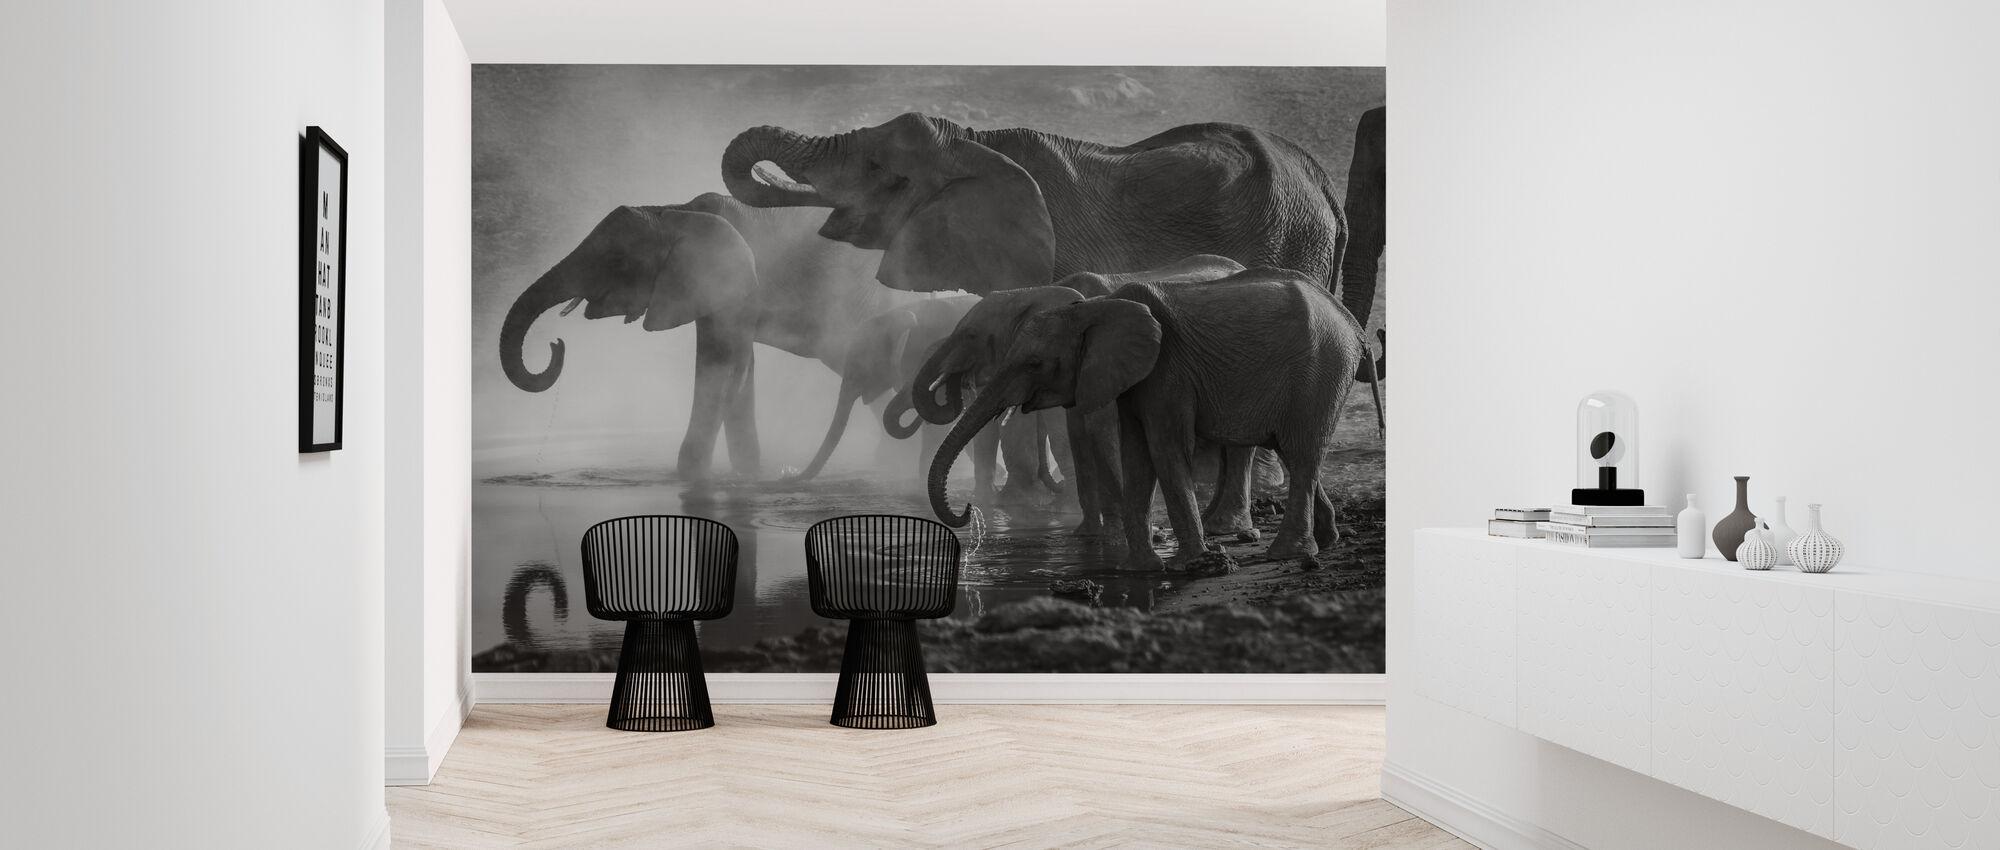 Elephants at Waterhole - Wallpaper - Hallway